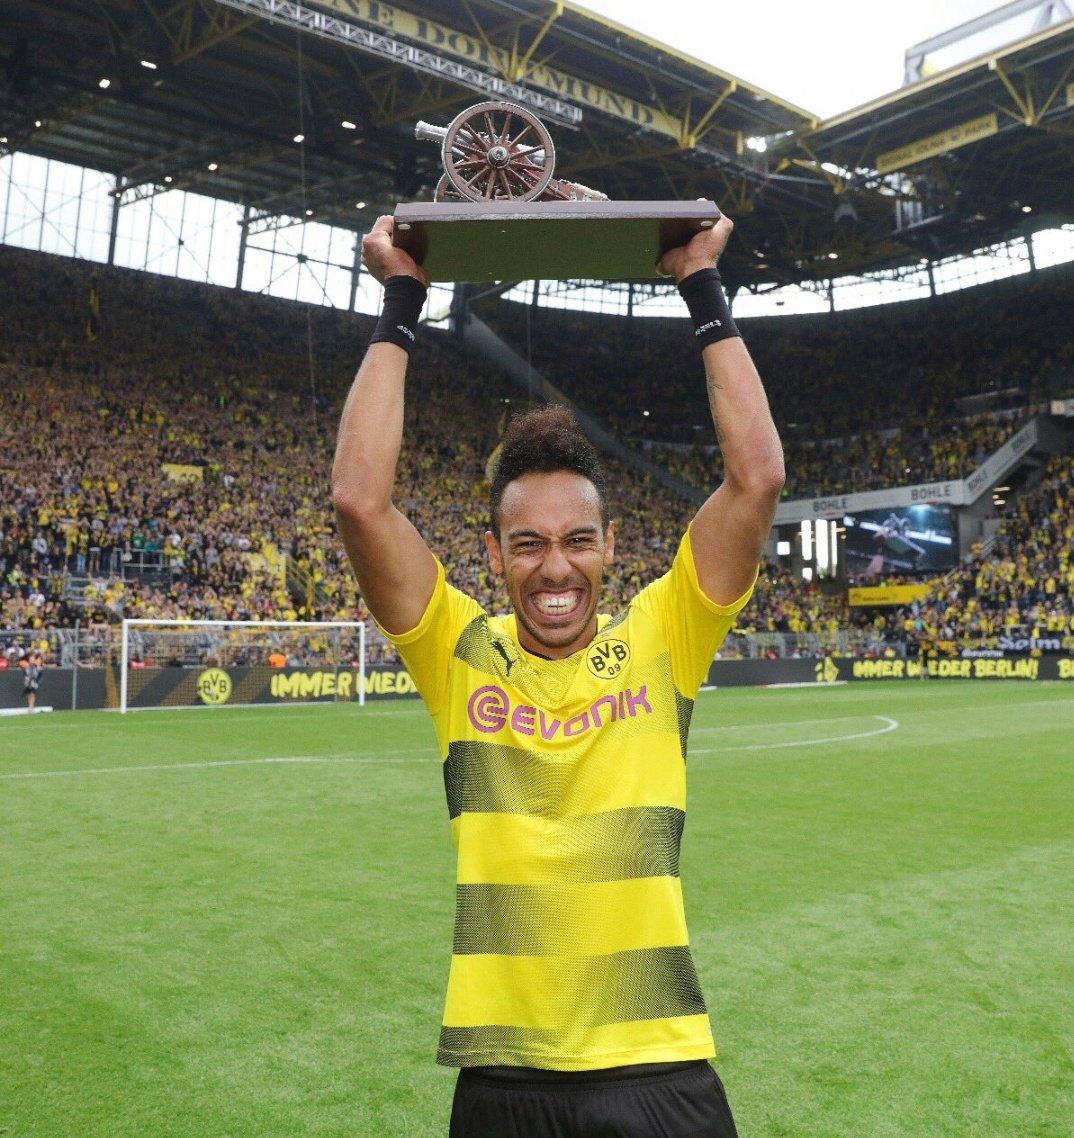 Bundesliga Leading Goal Scorer  What a season for Aubameyang!! #bvb #bvbsvw #auba<br>http://pic.twitter.com/ZSD3LxR1Aw